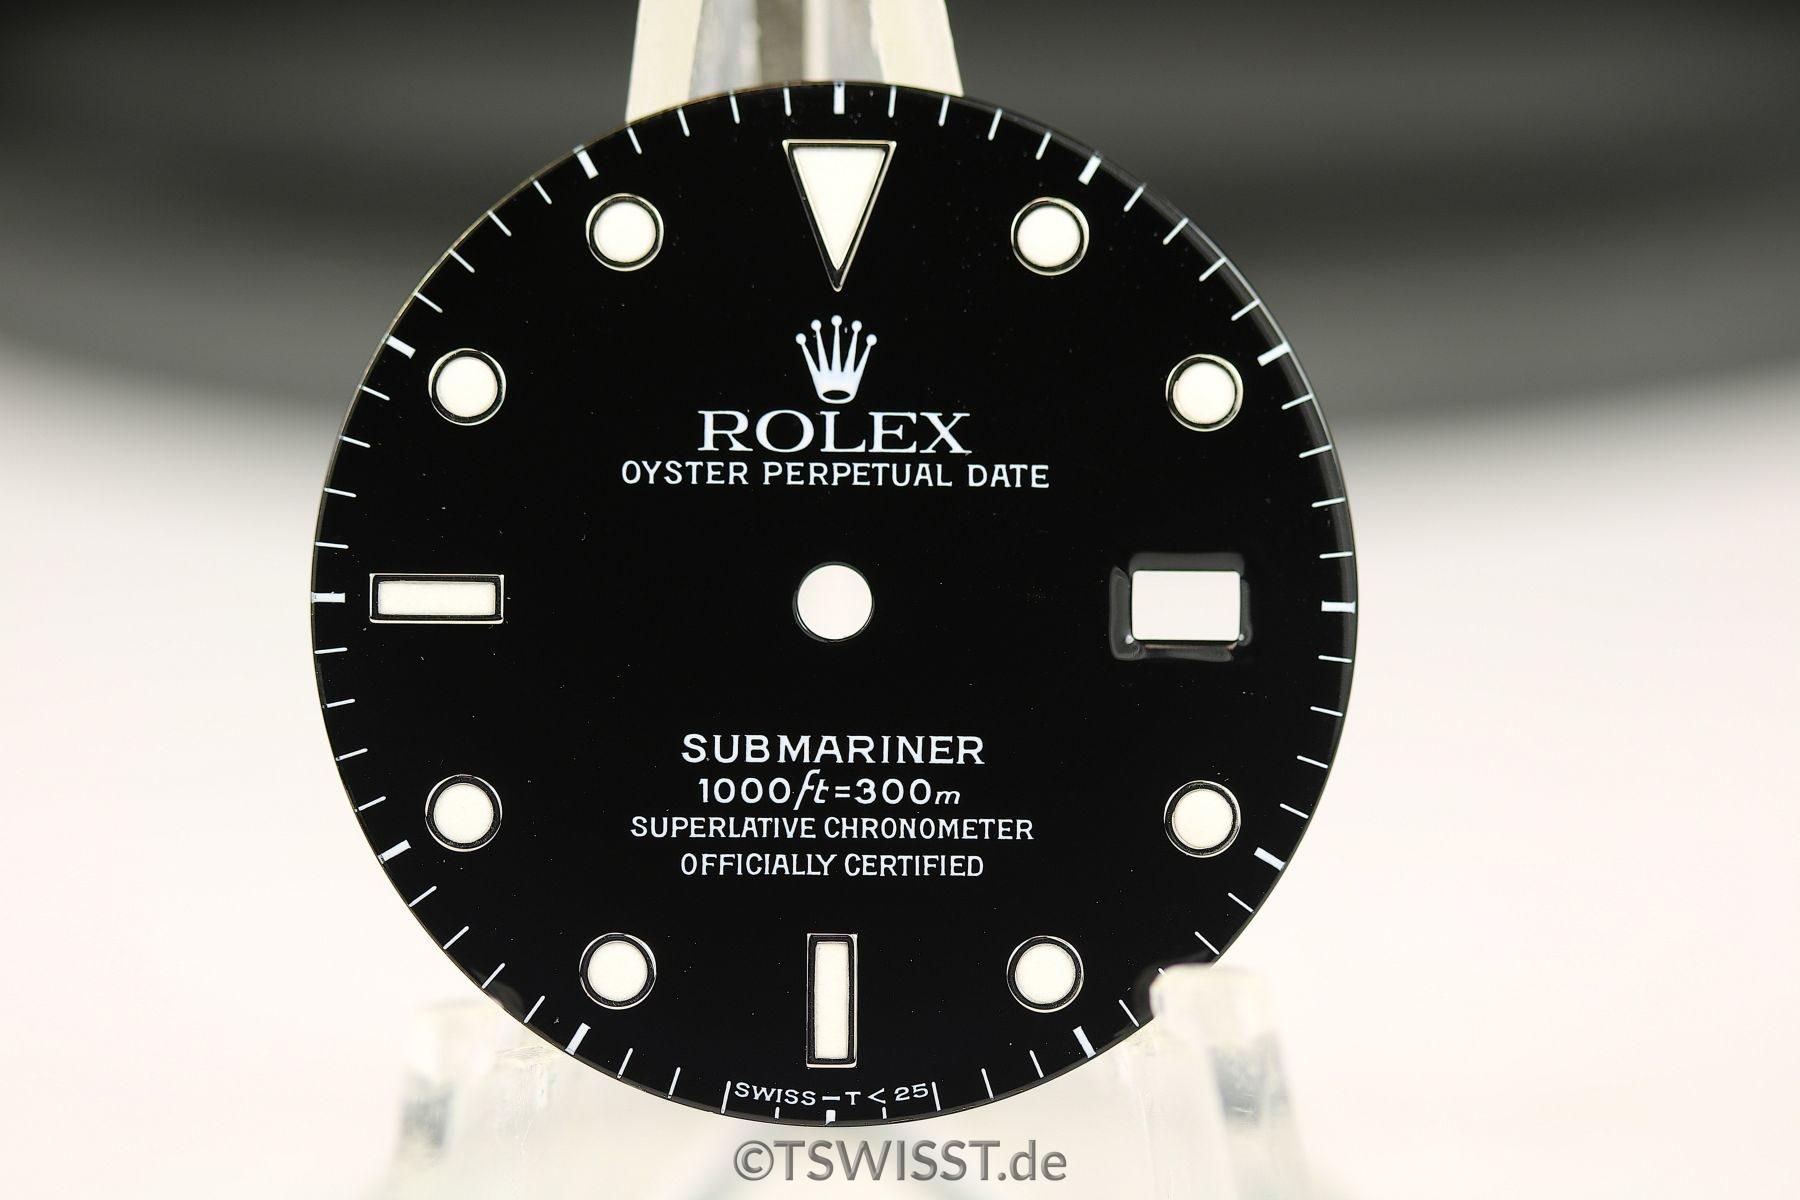 Rolex Submariner 16610 dial